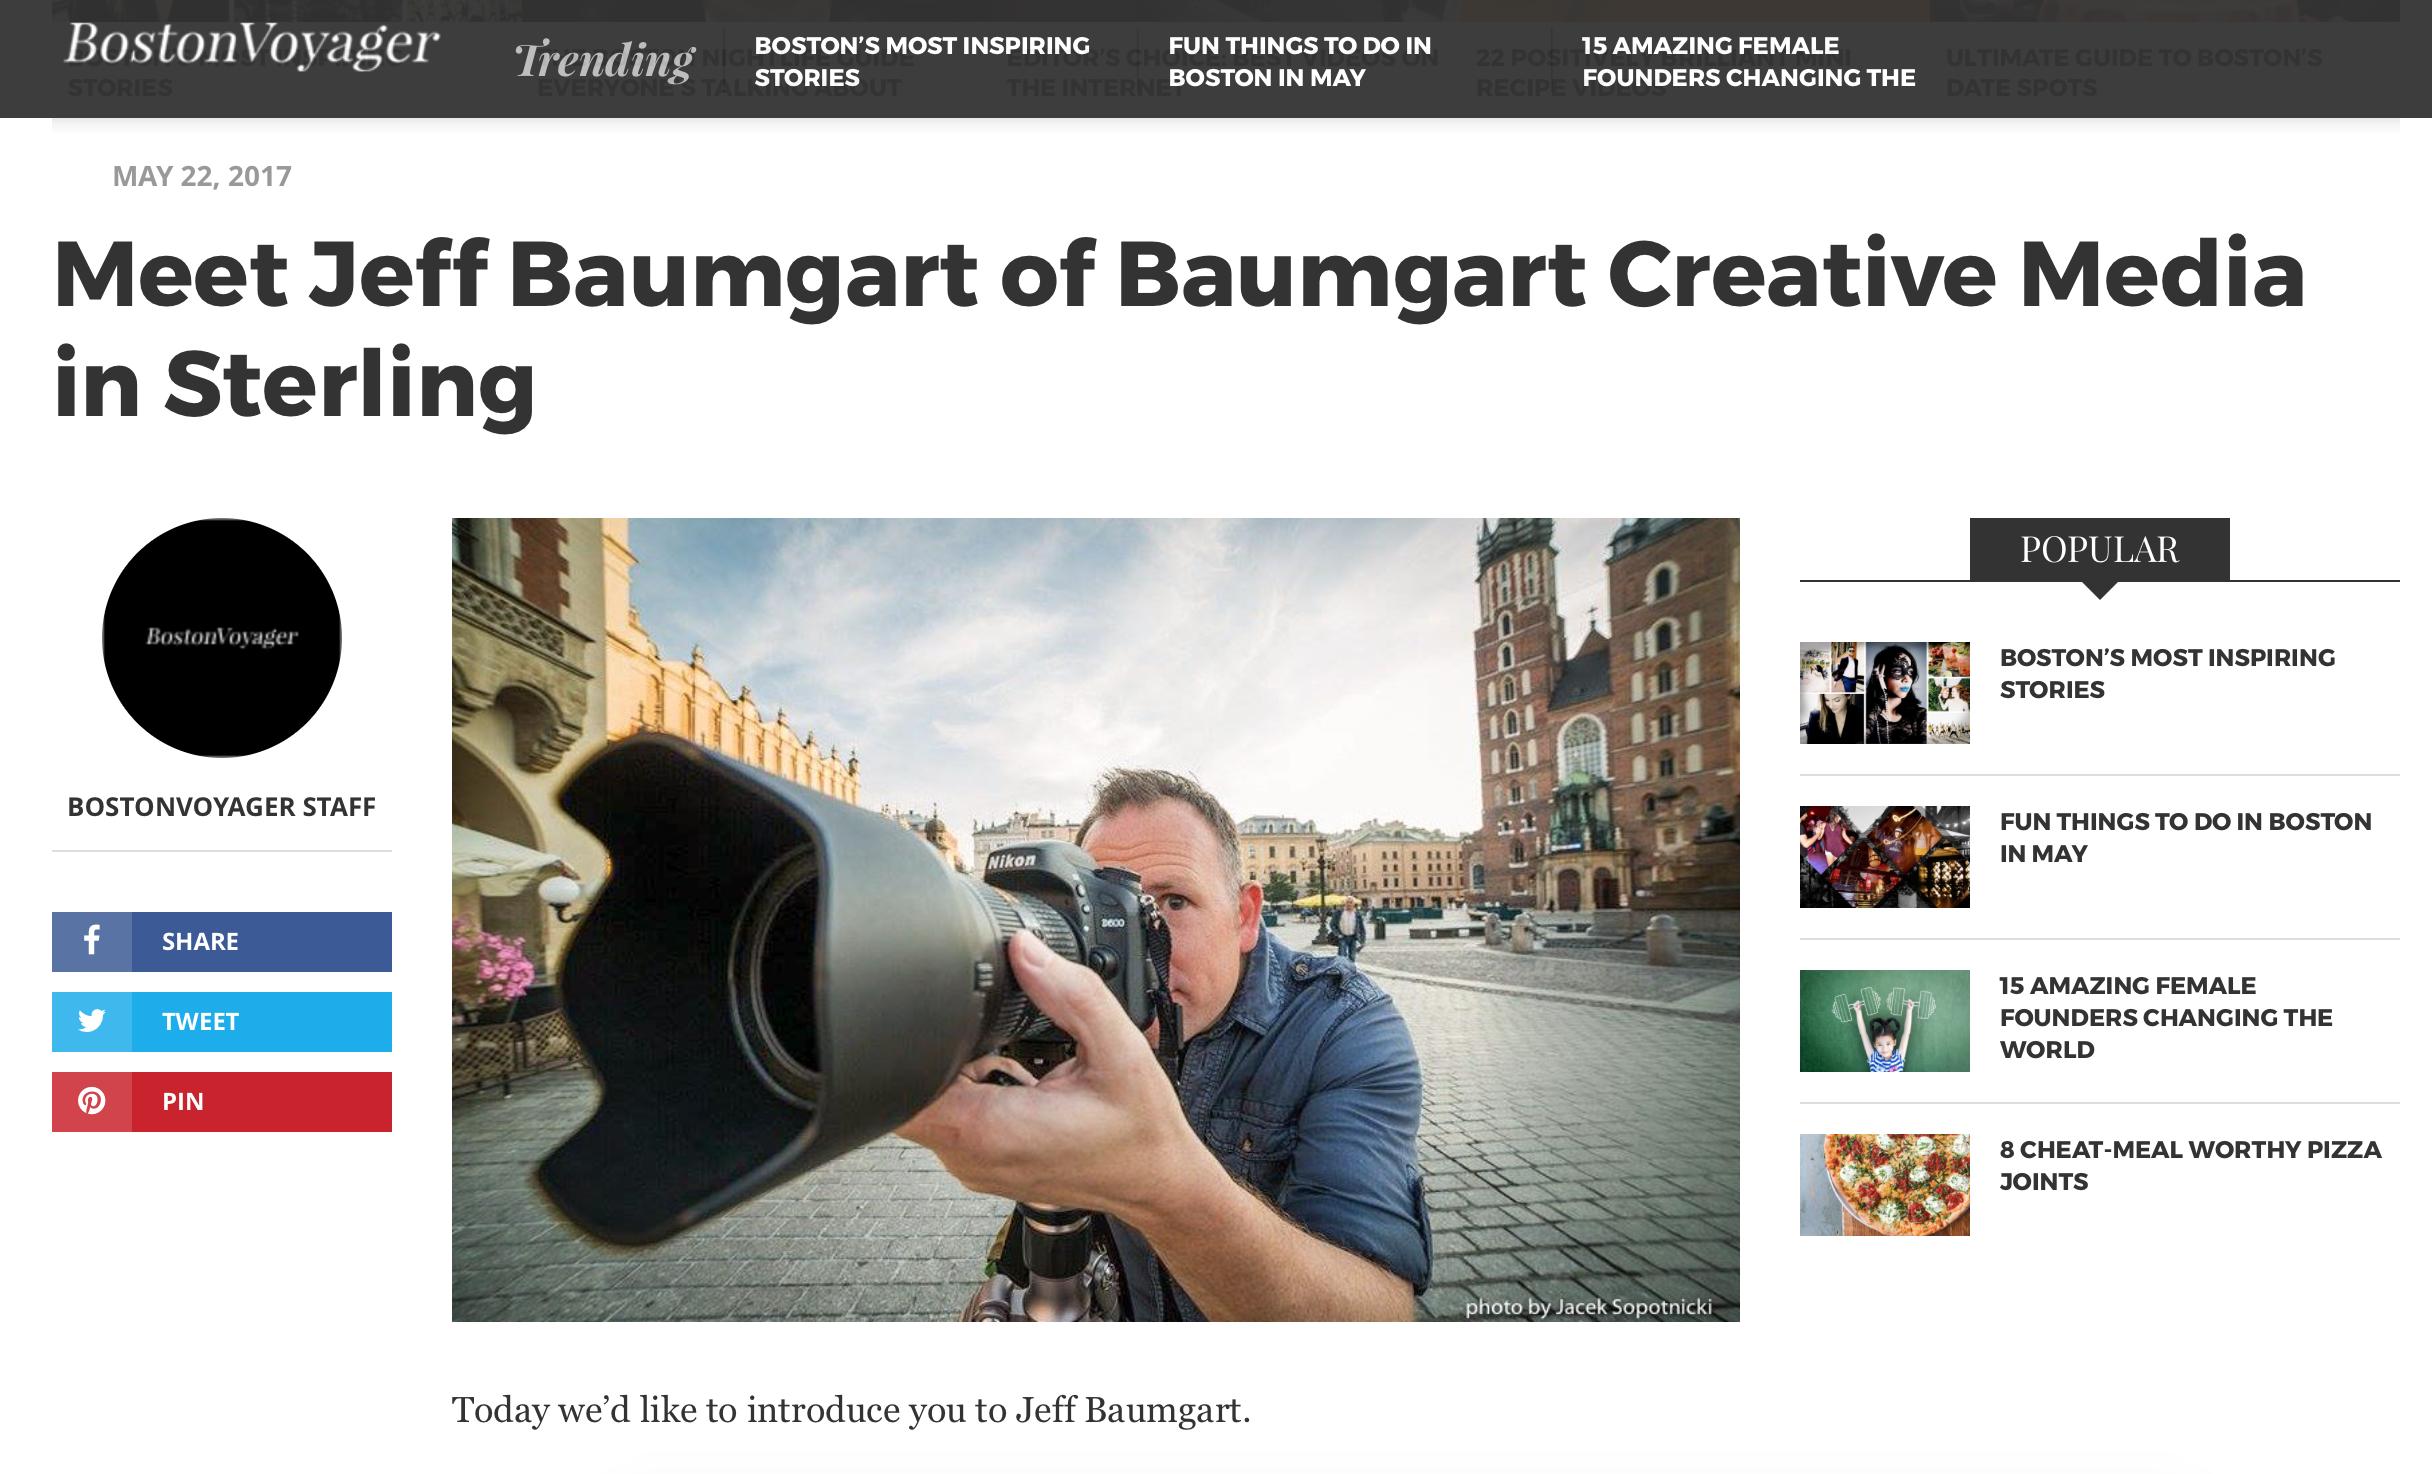 Jeff_Baumgart_interviewed_in_Boston_Voyager_Magazine